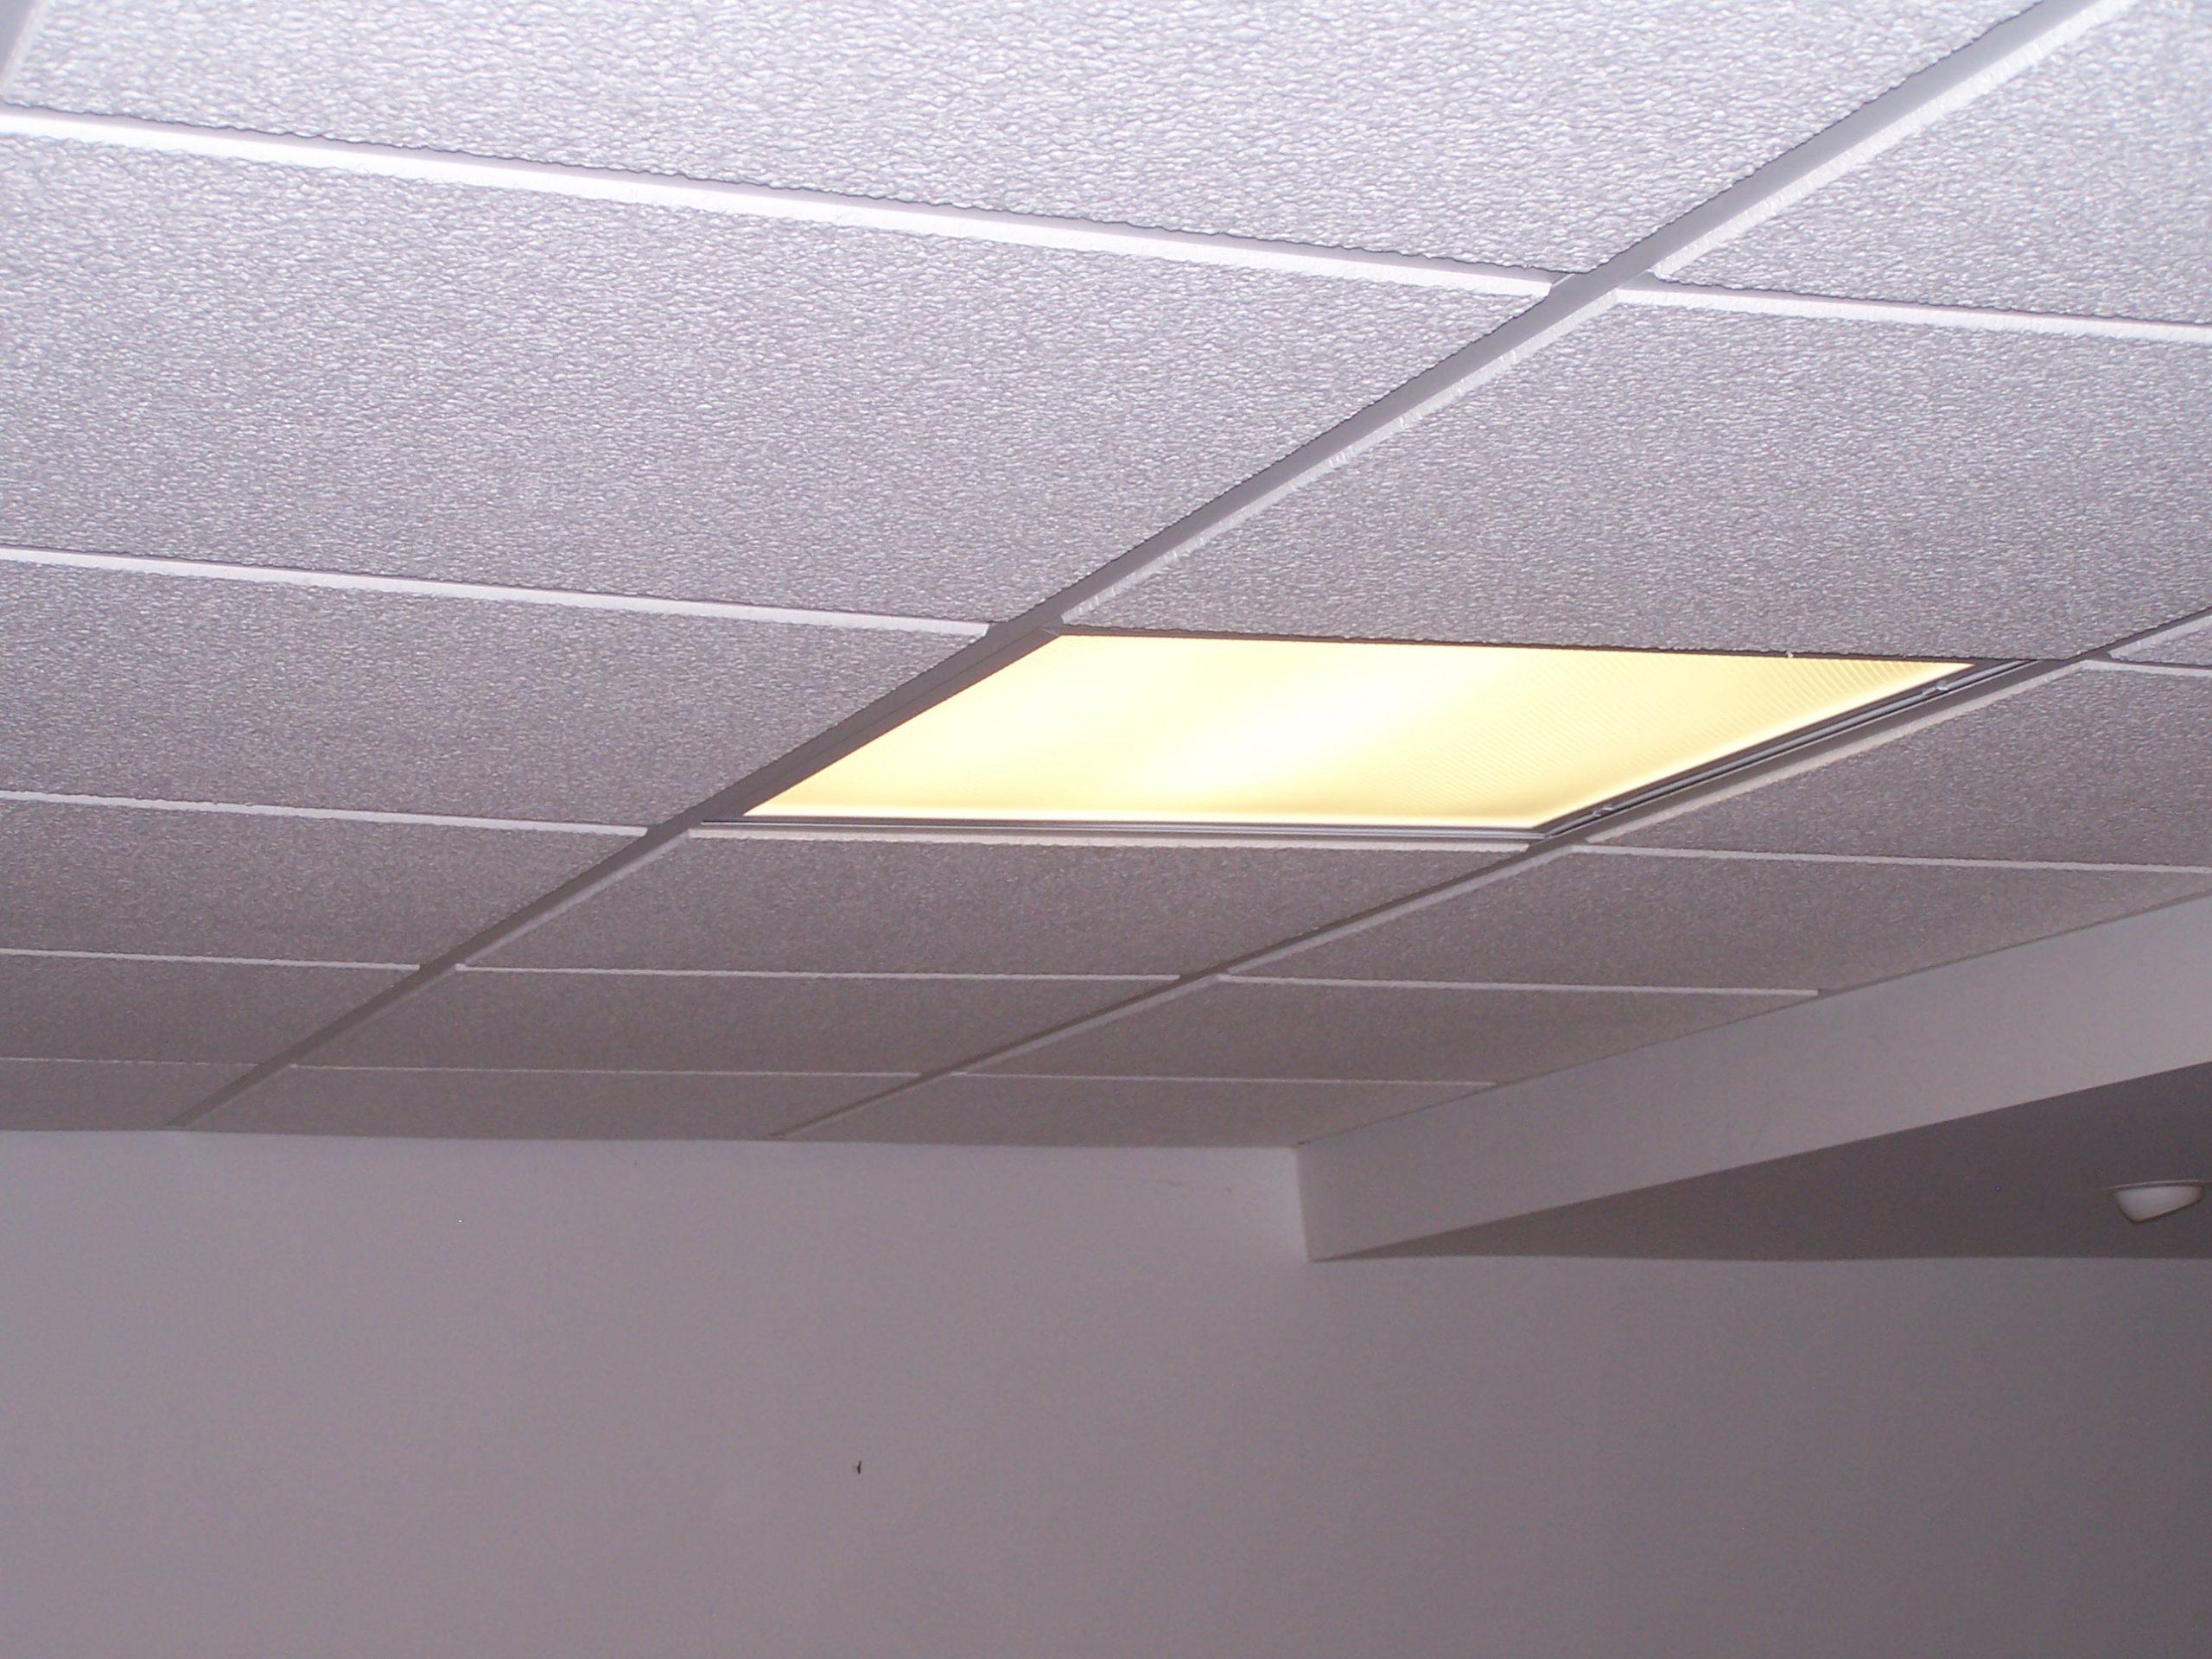 drop ceiling light fixtures